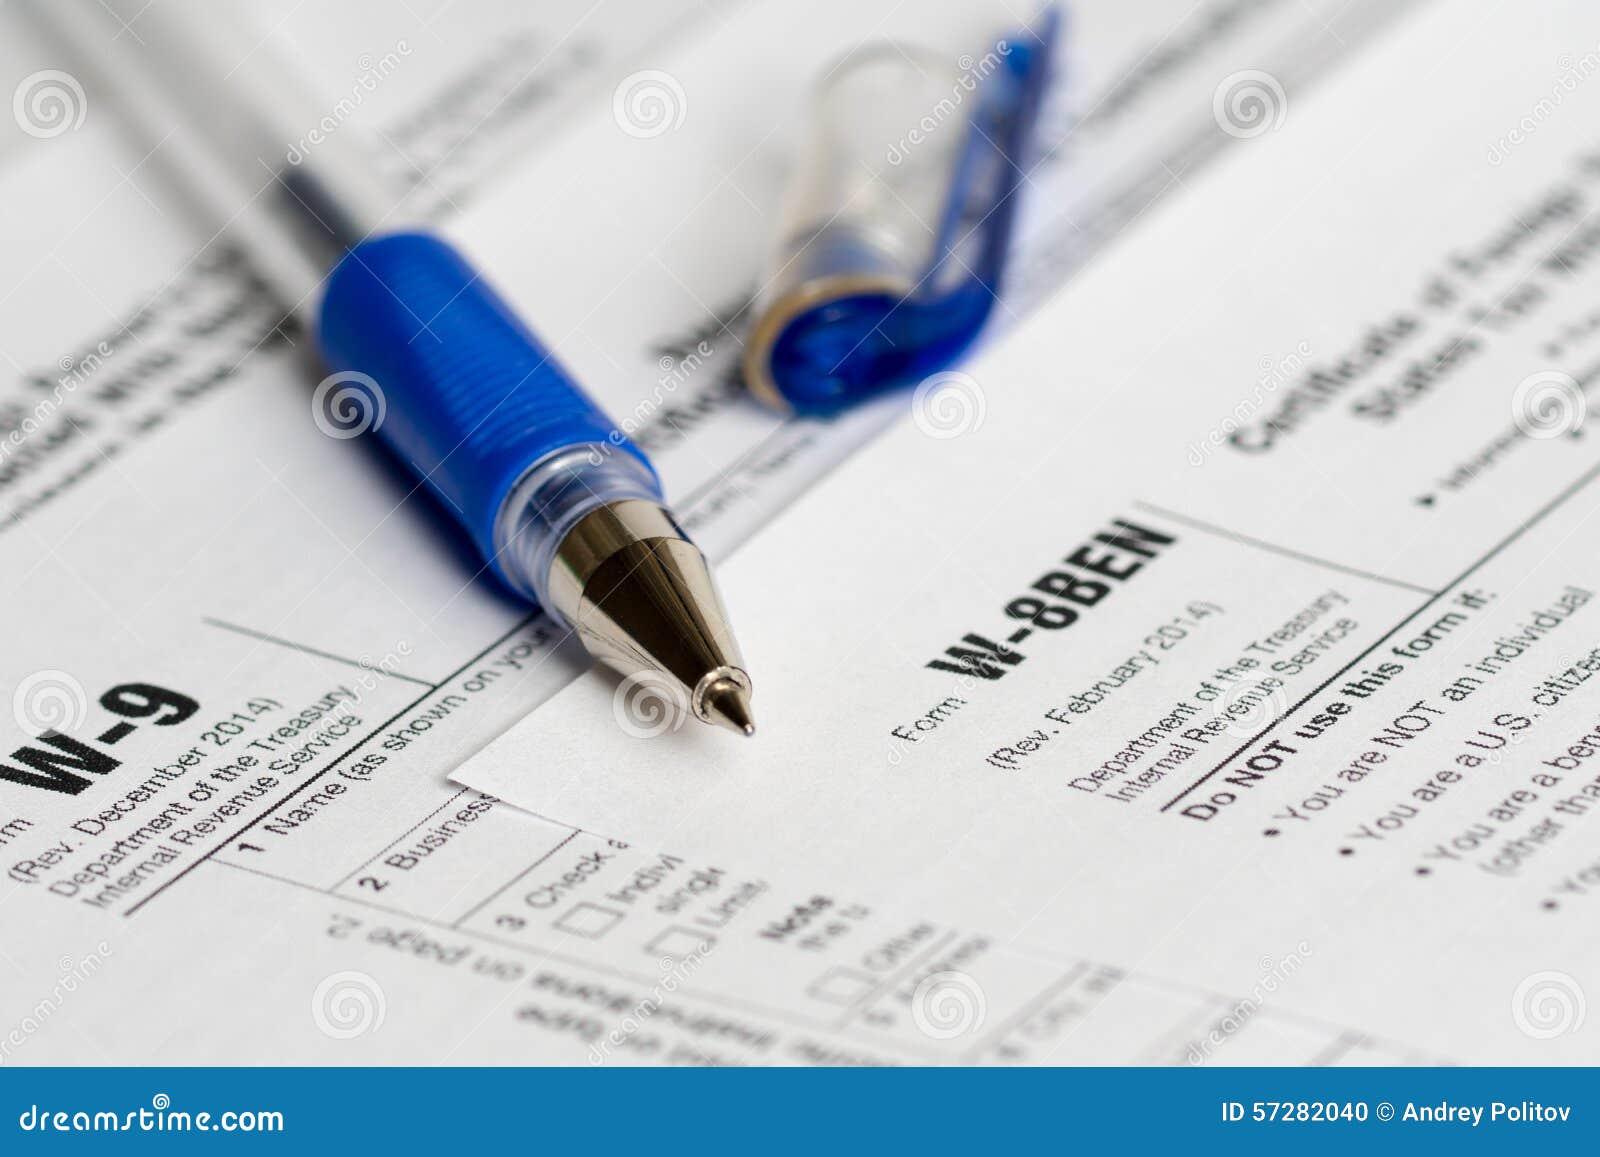 Steuermeldeformulare mit geöffnetem blauem Stift